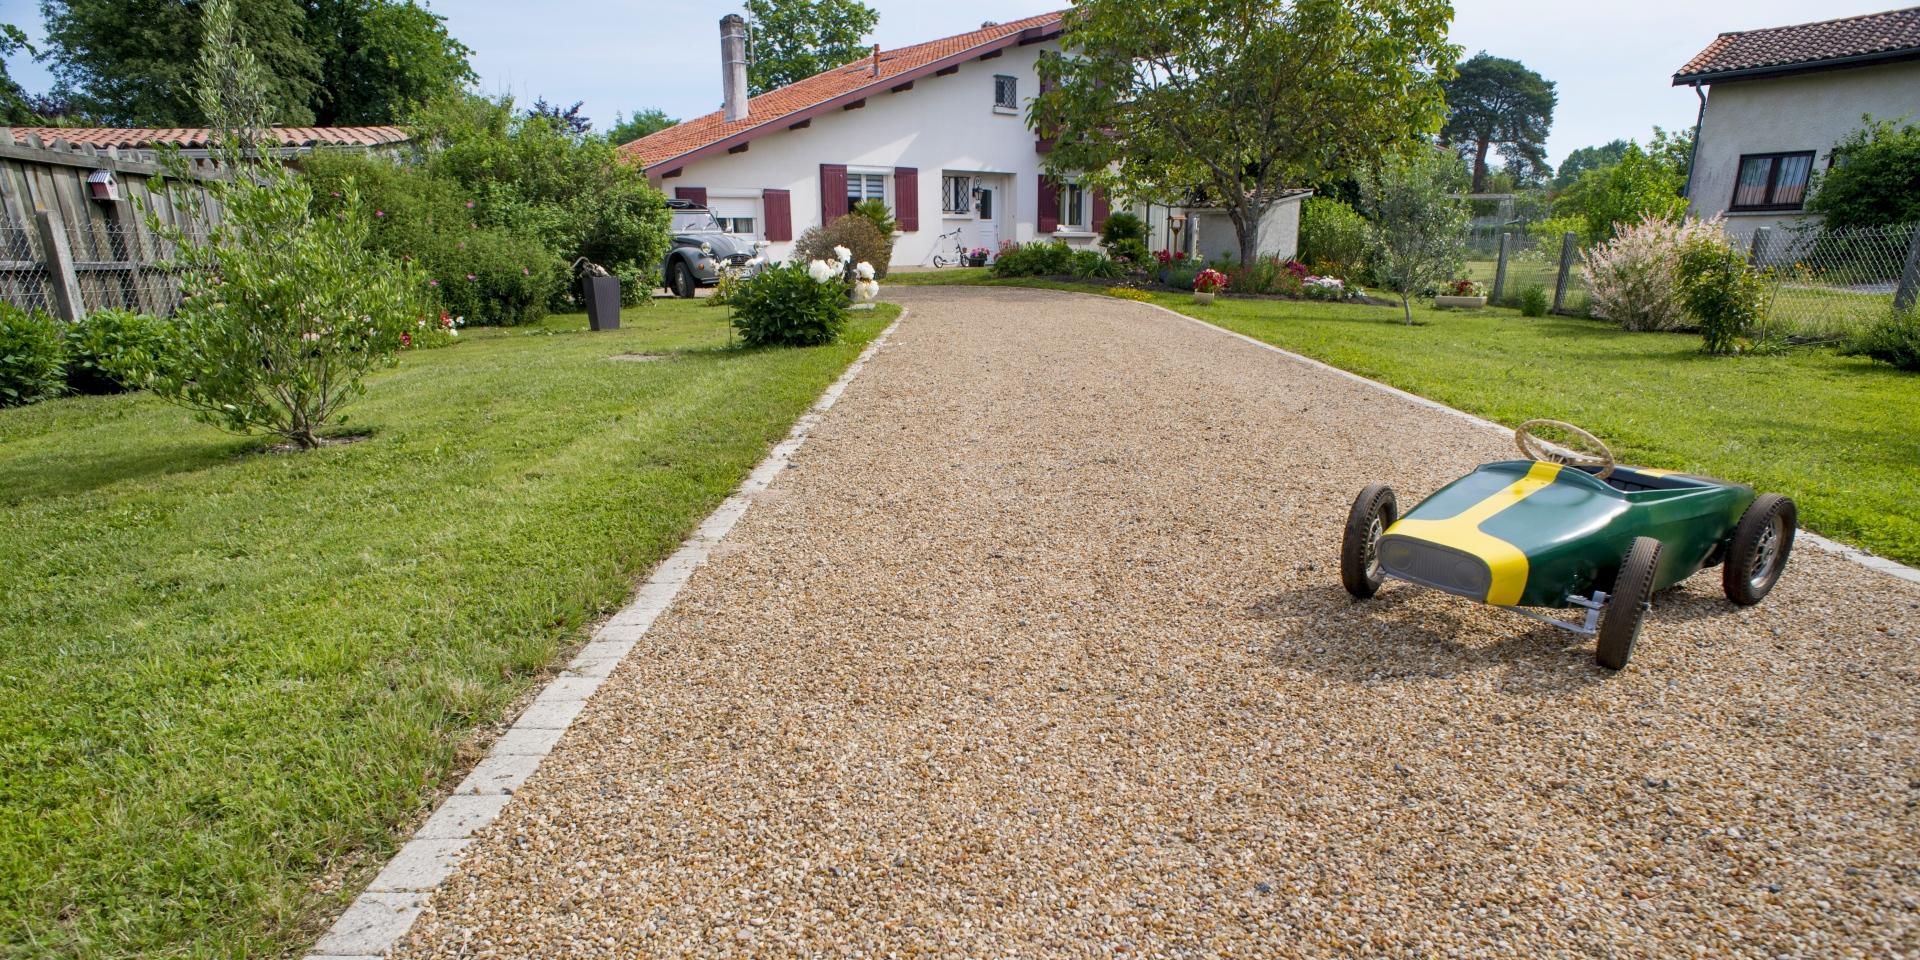 Daniel Moquet, Aménagement Cour, Allée De Jardin Et Terrasse ... intérieur Allée De Jardin Pas Cher